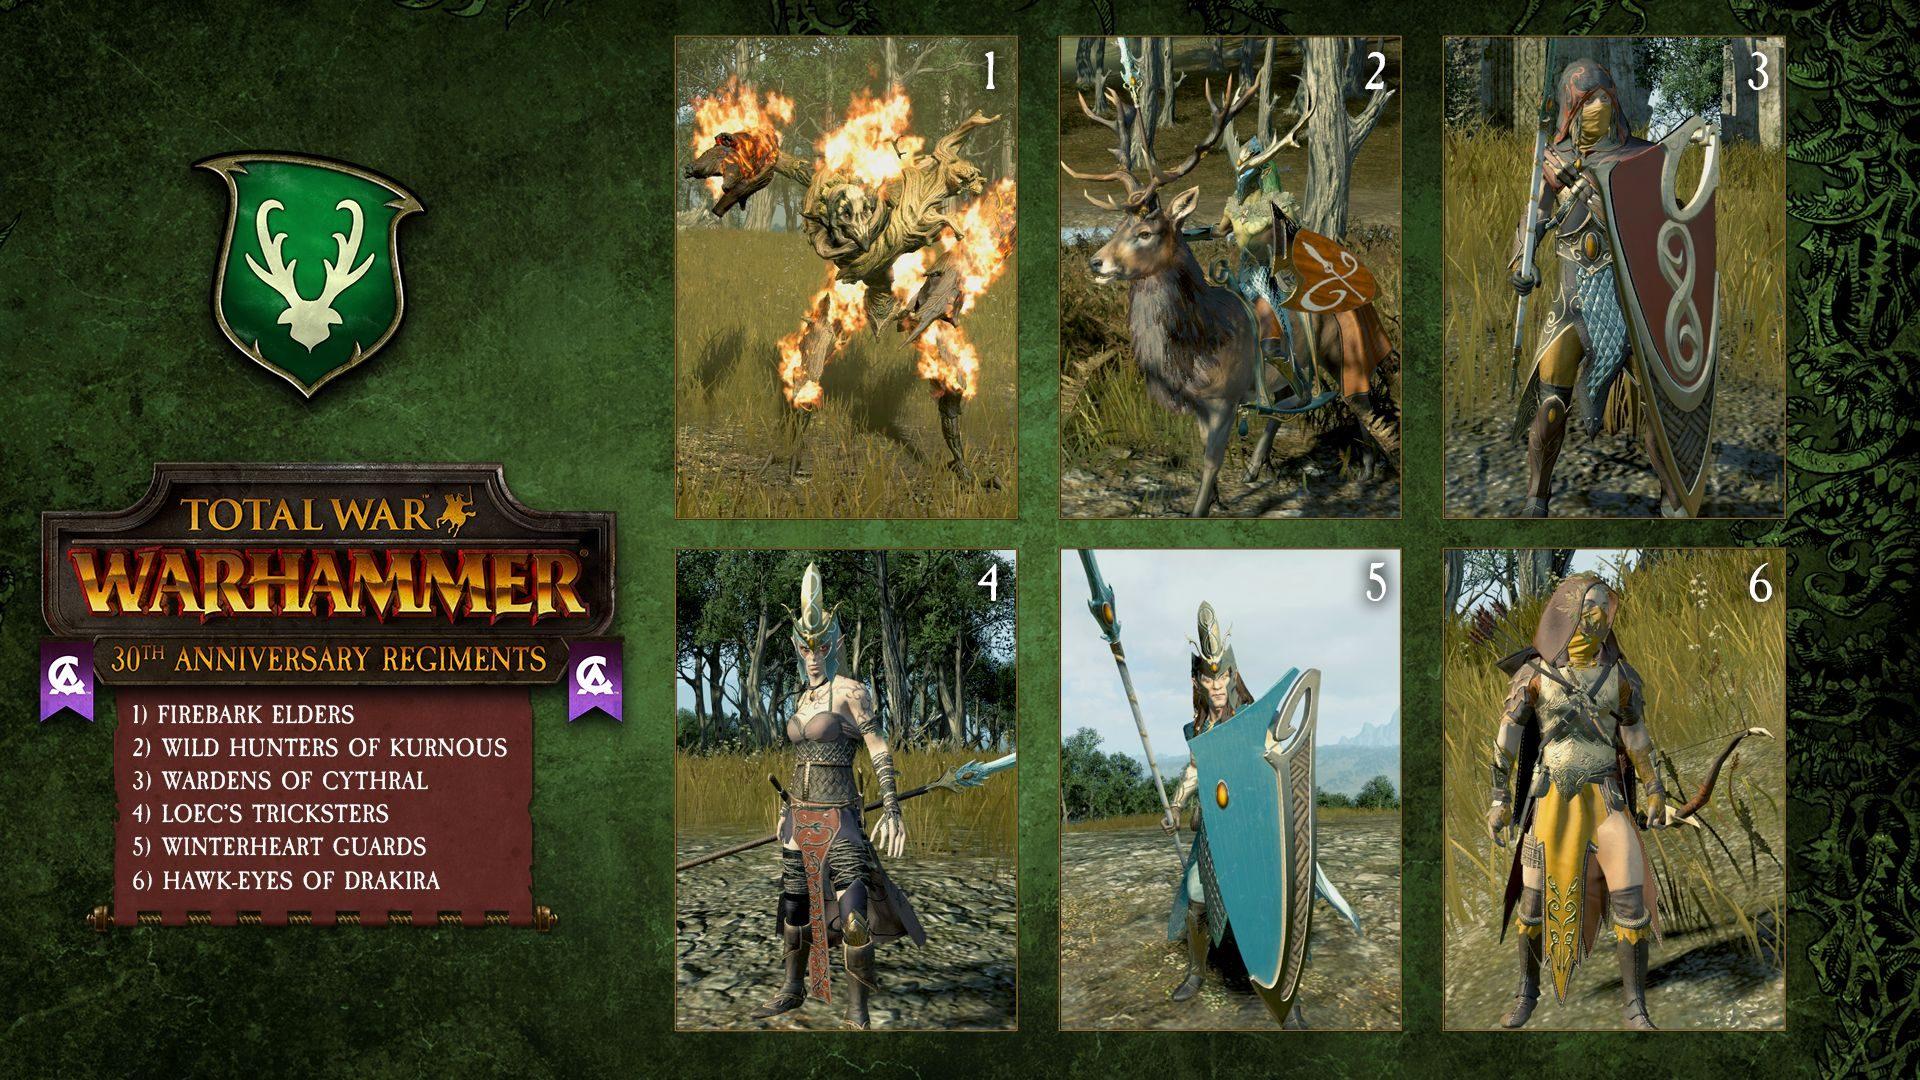 Total War: Warhammer-Regiments of Renown